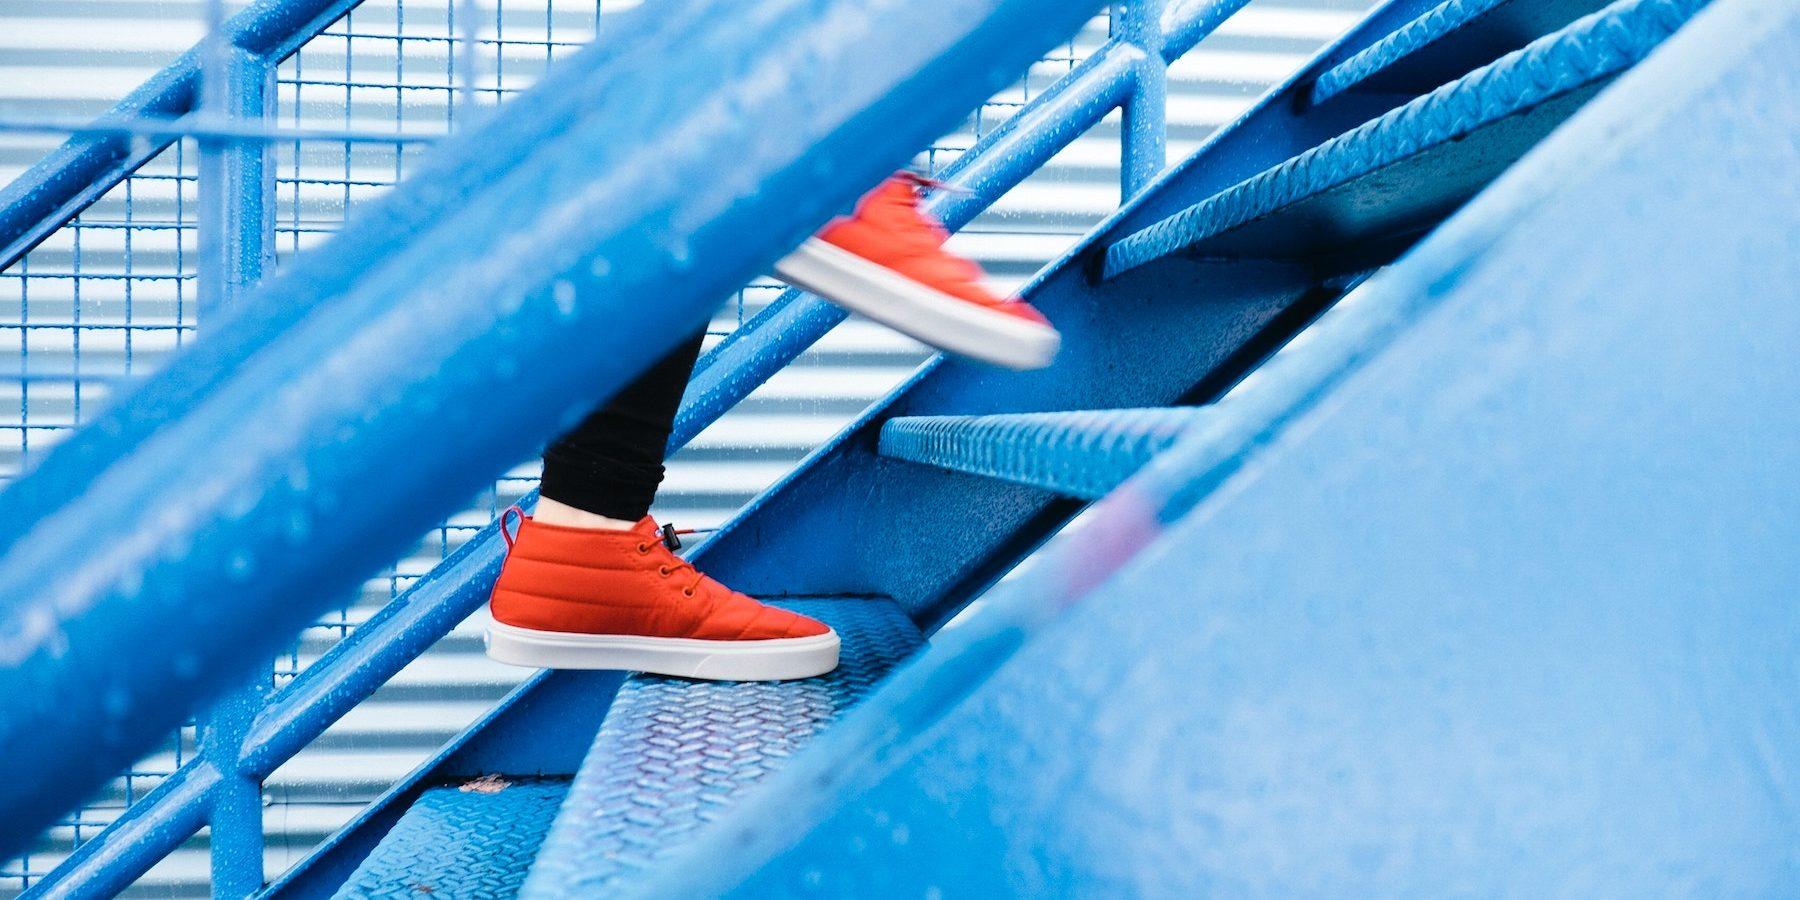 Röda skor i blå trappa